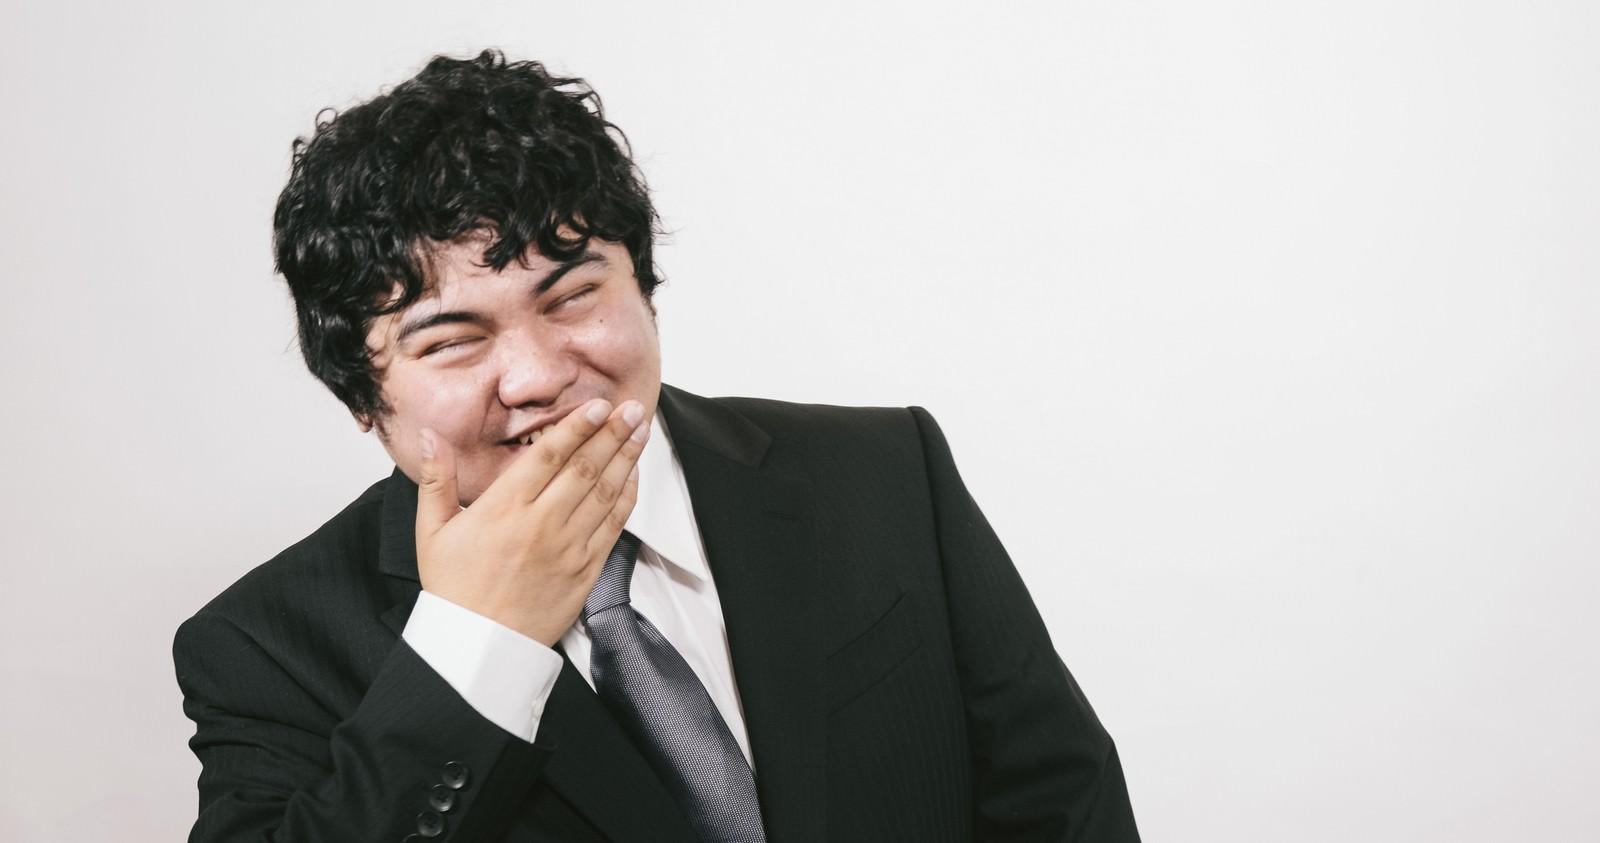 「ええんやで(ニッコリええんやで(ニッコリ」[モデル:段田隼人]のフリー写真素材を拡大